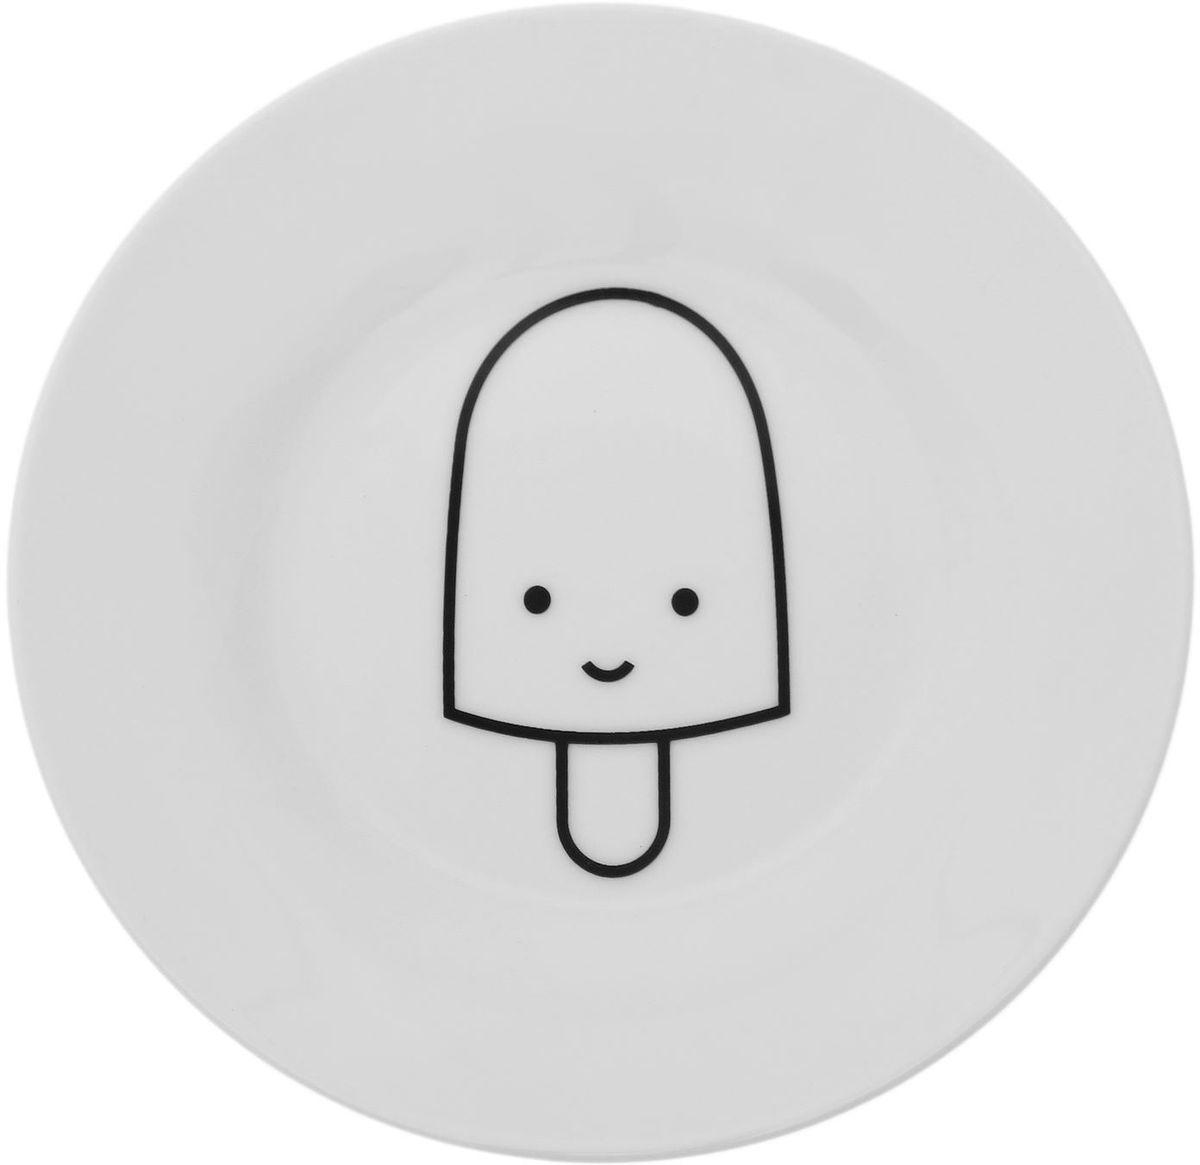 Тарелка мелкая Сотвори чудо My Little Ice Cream, диаметр 15,5 см1661822Хотите обновить интерьер кухни или гостиной? Устраиваете необычную фотосессию или тематический праздник? А может, просто ищете подарок для близкого человека? Посуда Сотвори Чудо — правильный выбор в любой ситуации. Тарелка Сотвори Чудо, изготовленная из изящного фаянса нежного сливочного цвета, оформлена оригинальным рисунком со стойкой краской. Пригодна для посудомоечной машины.